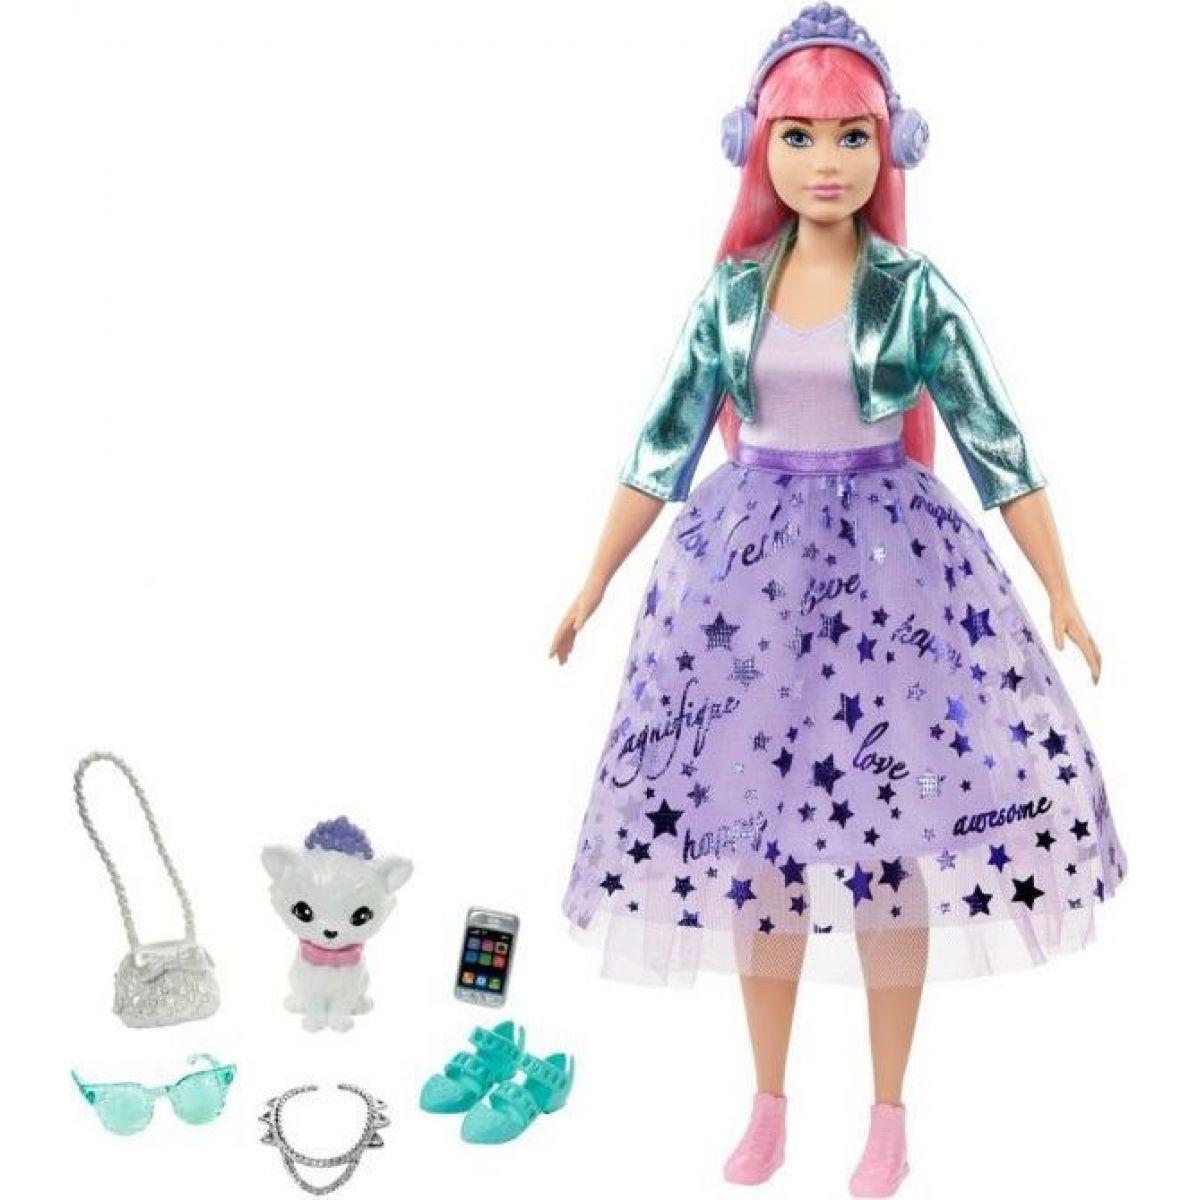 Barbie princezná GML75 fialová sukne